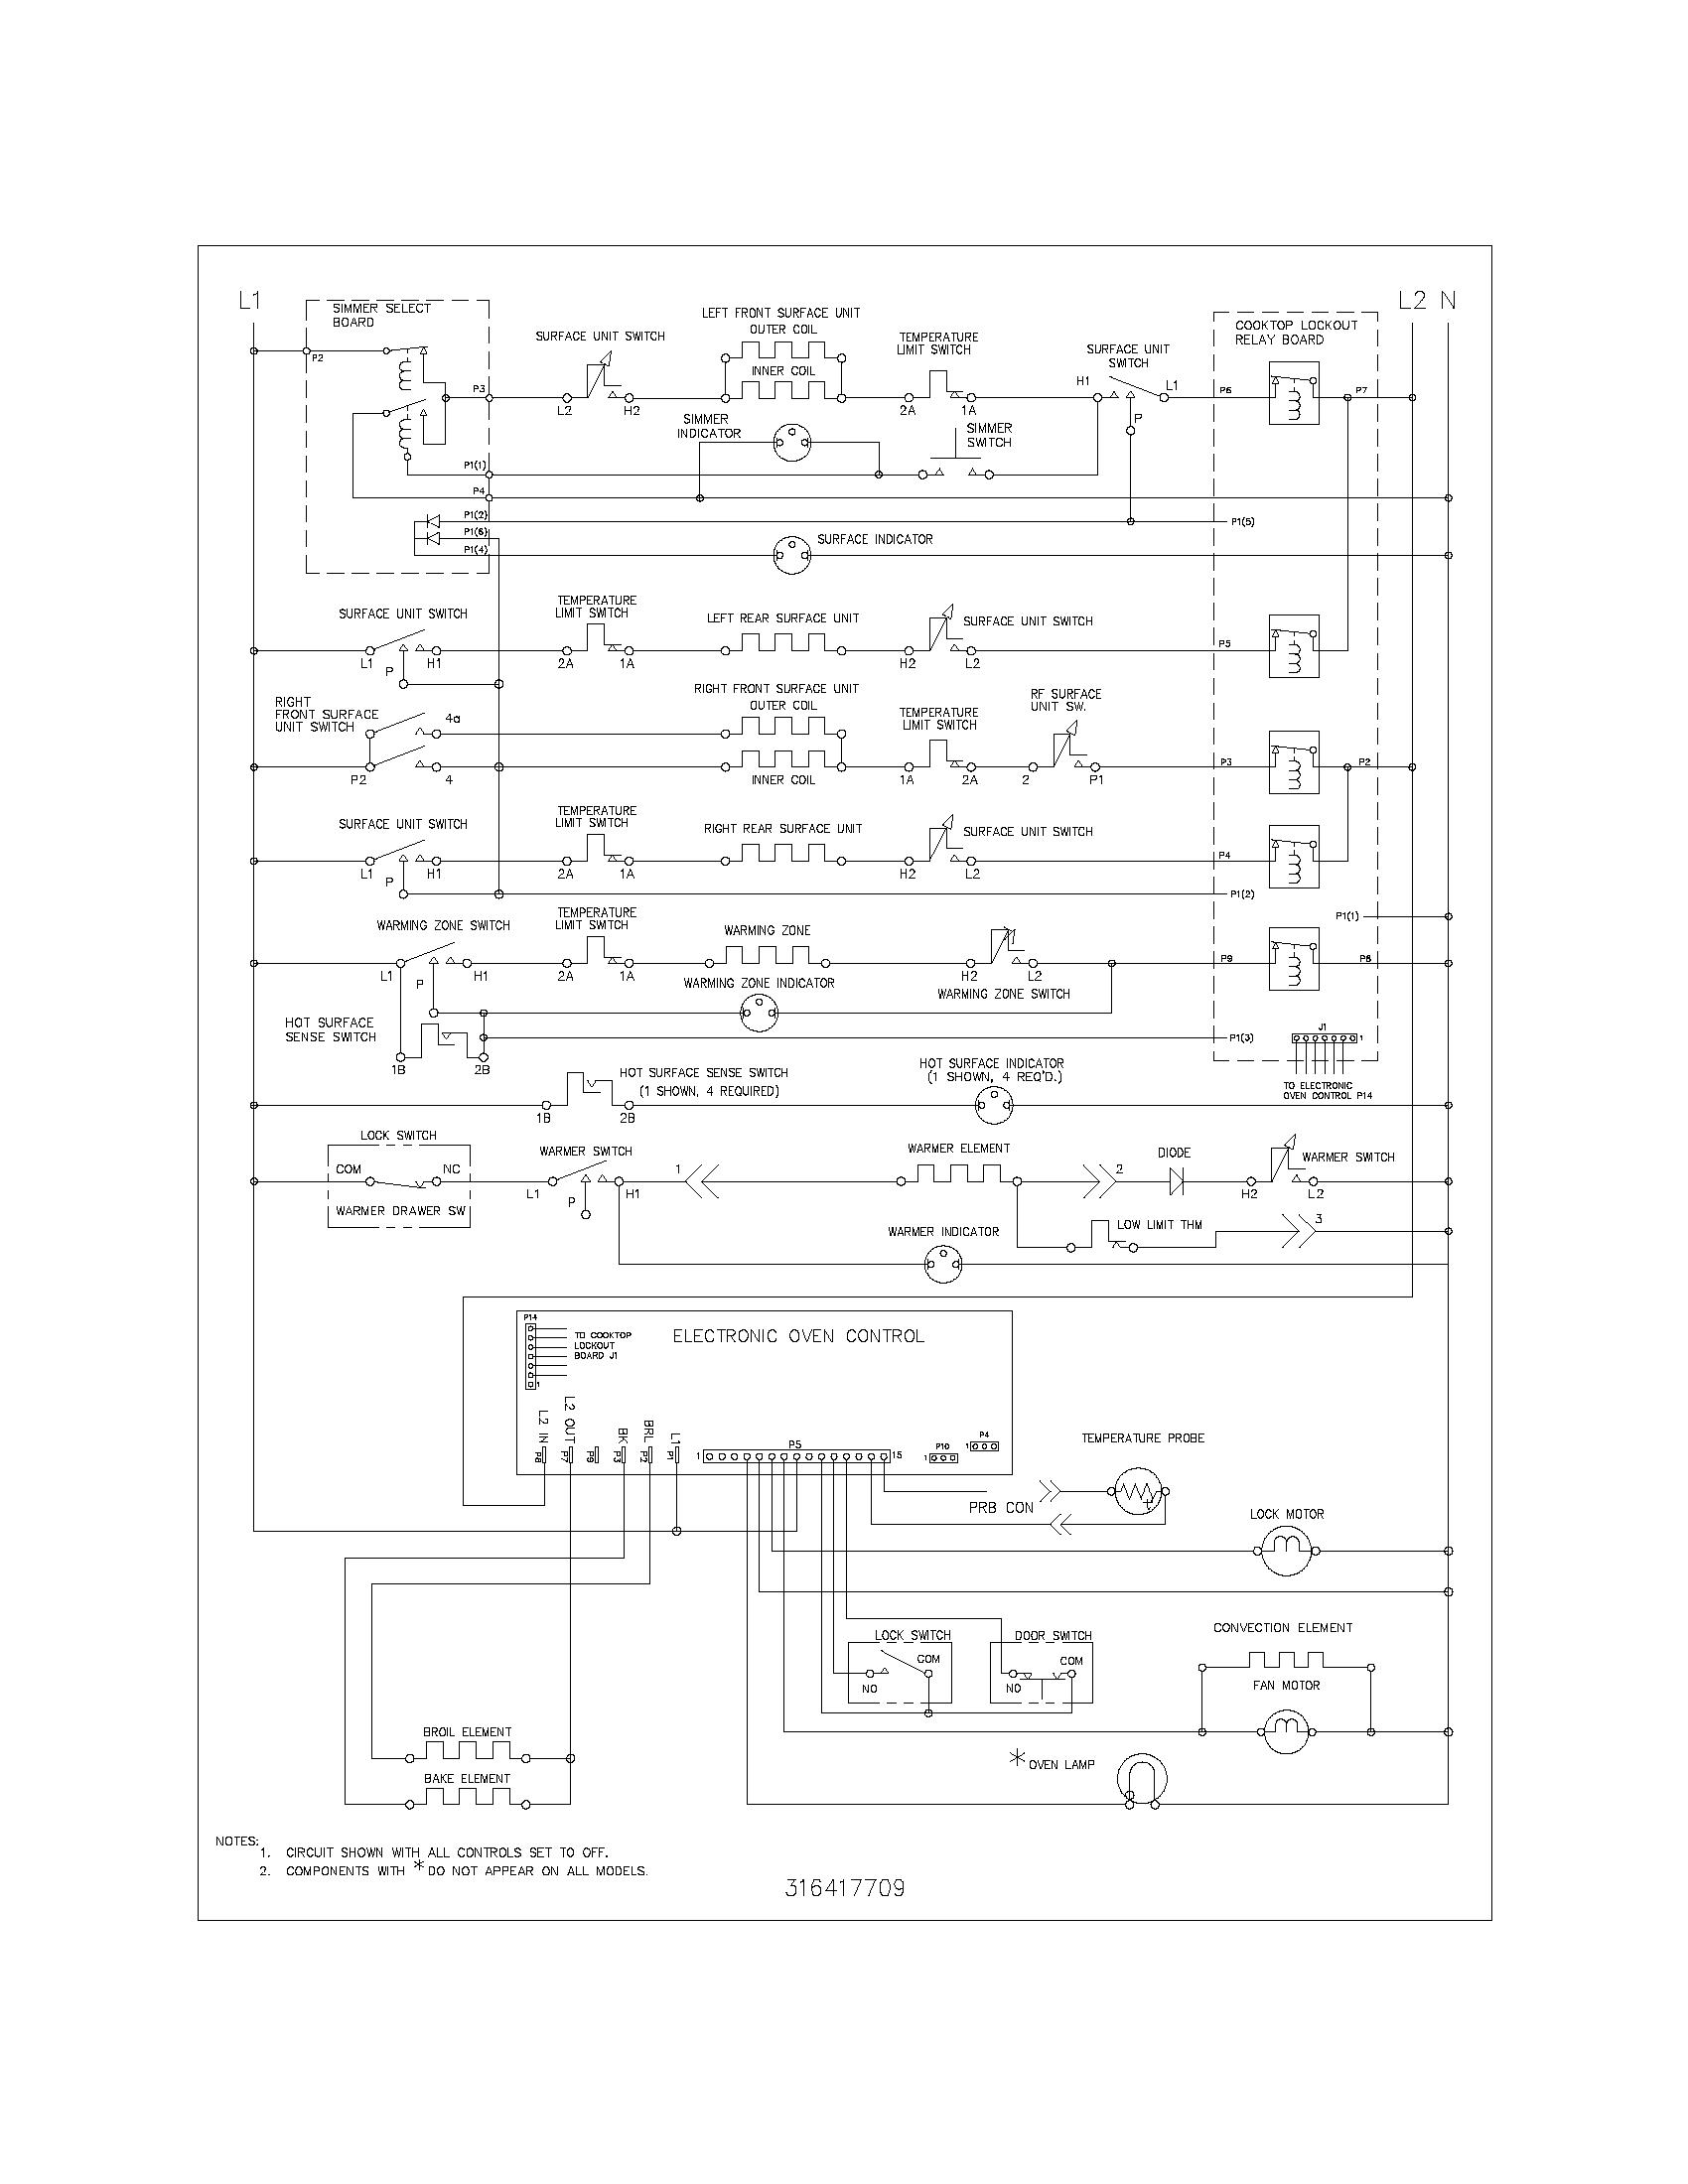 Kenmore control wiring diagram wiring diagram basic electrical wiring diagrams light switch wiring diagram kenmore 79096612400